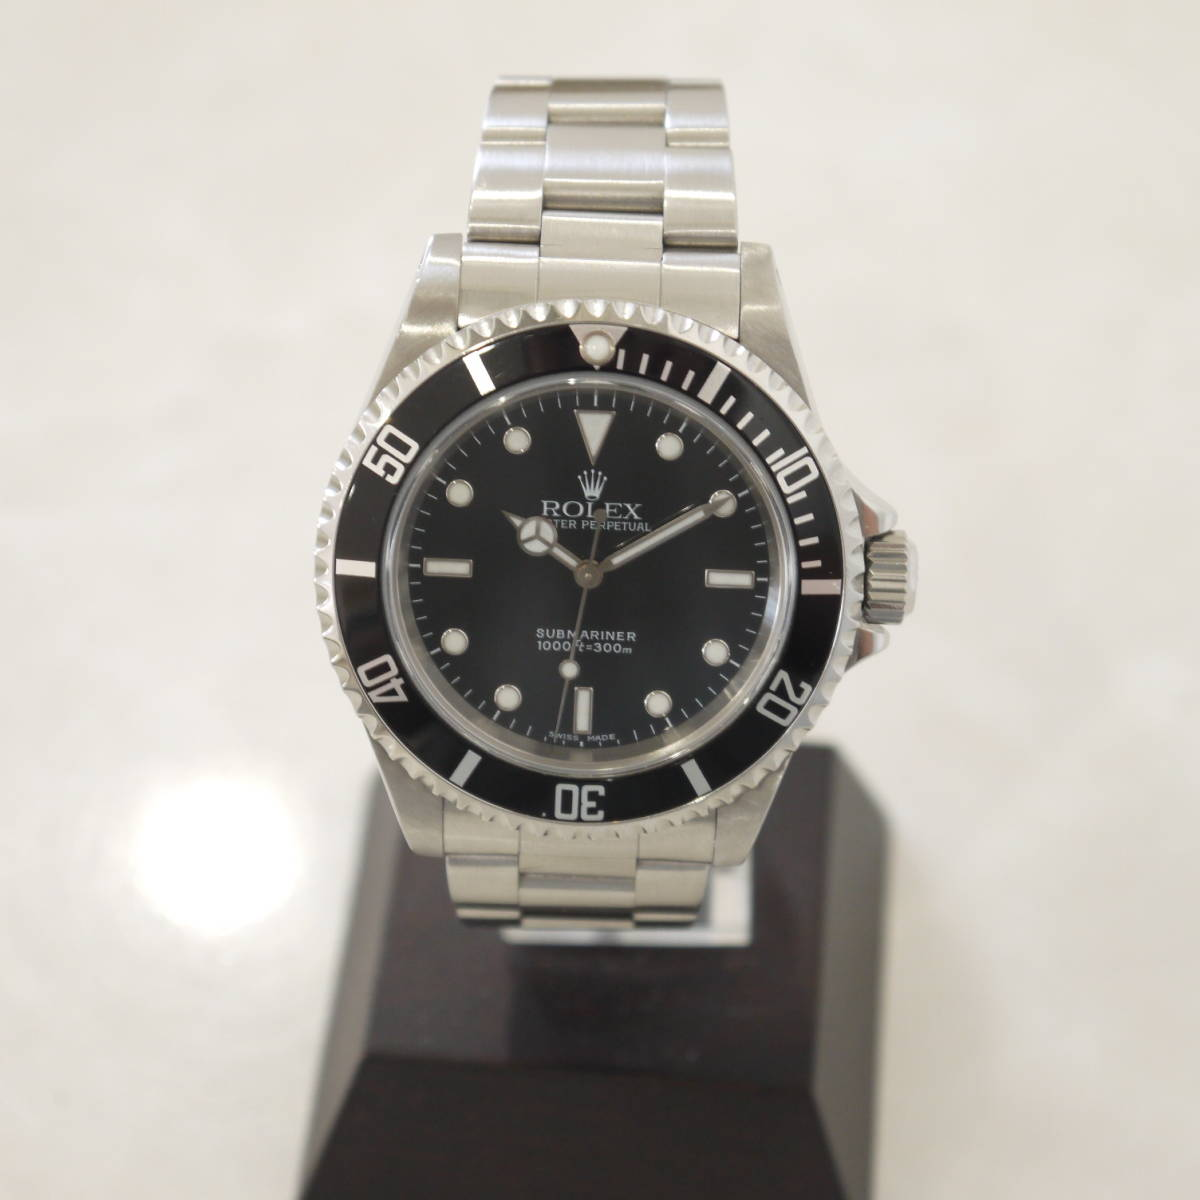 早い者勝ち!! 100%正規品 ROLEX ロレックス サブマリーナ メンズ 自動巻き 腕時計 オートマ 14060M ブラック 黒_画像3